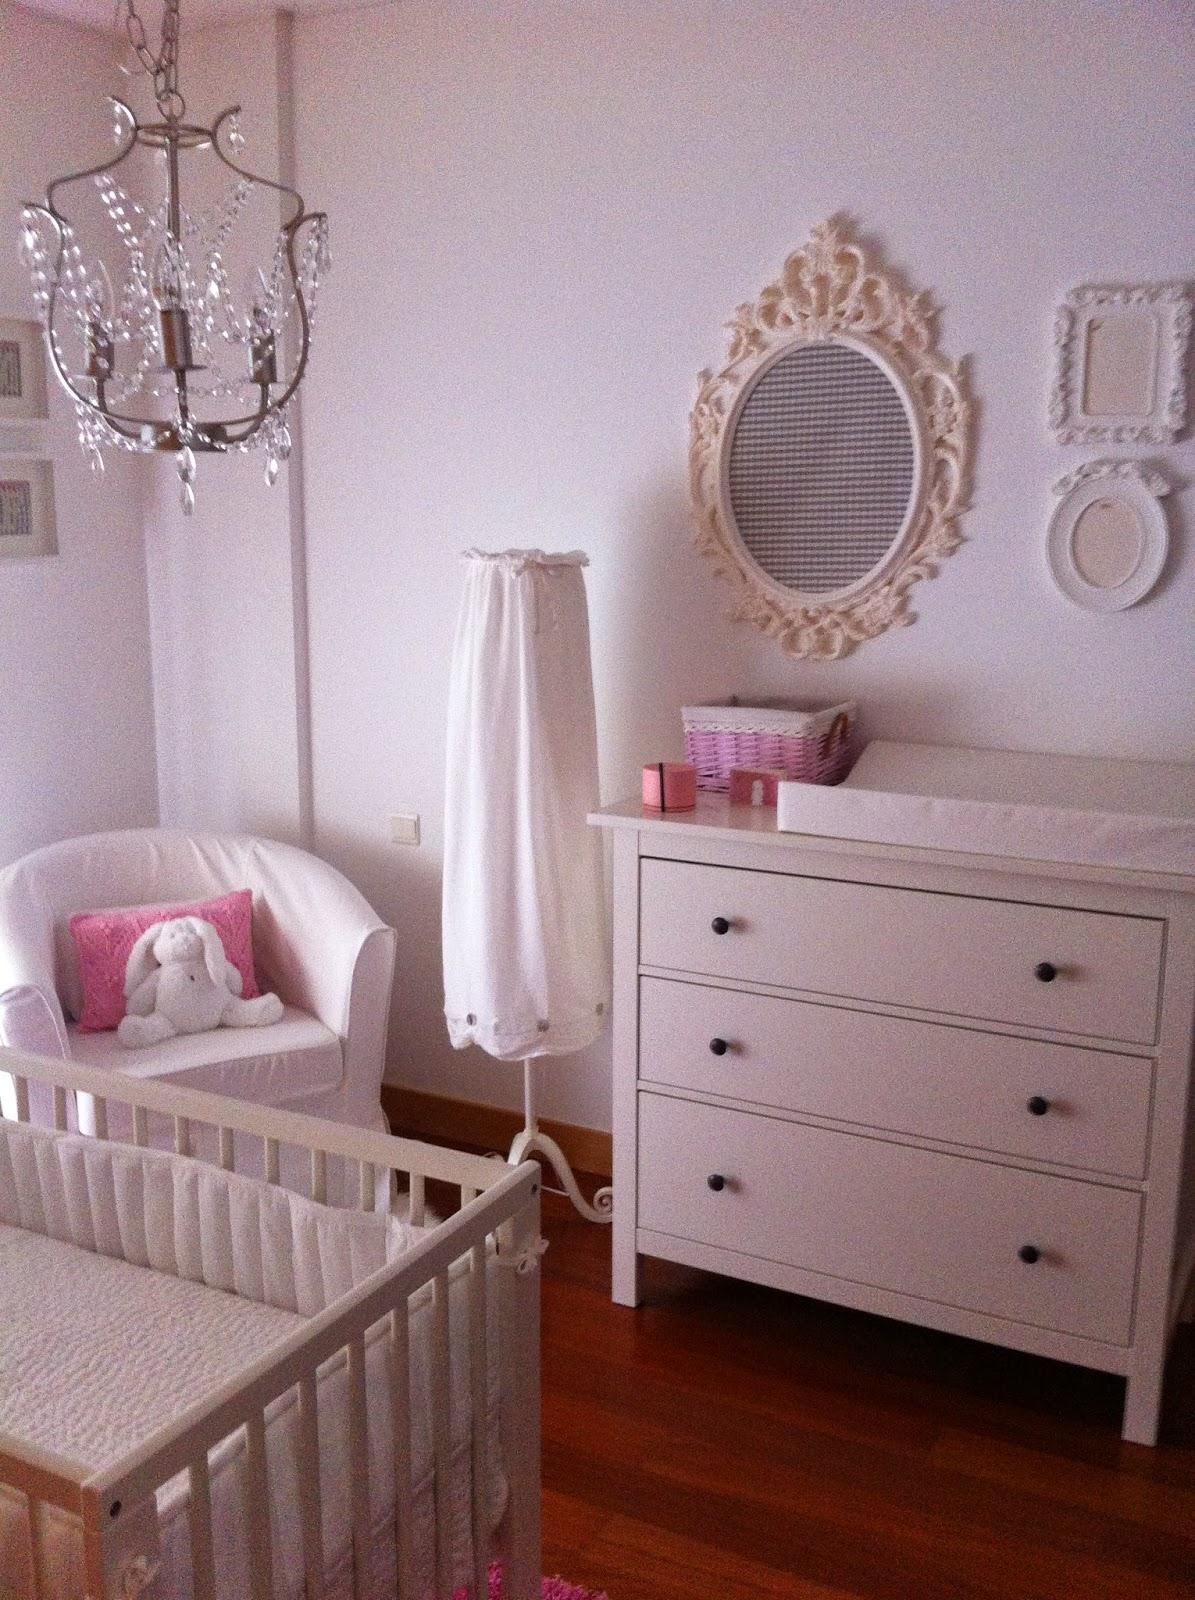 Maria francisca o quarto - Zara home bebe ...